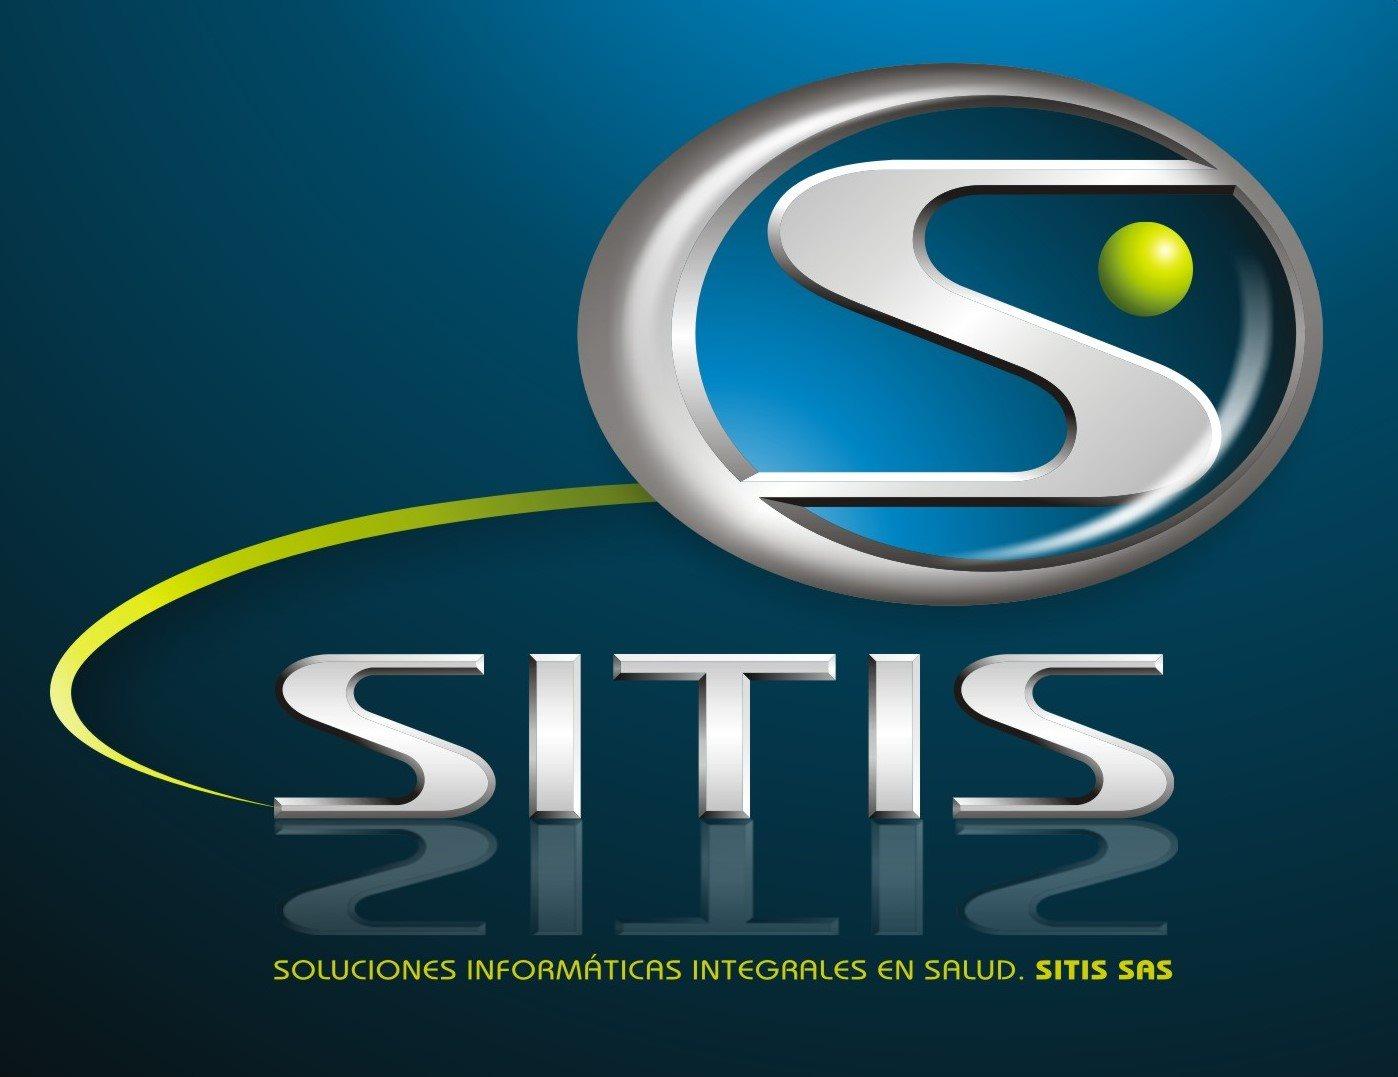 SITIS - Soluciones Informaticas Integrales en Salud SAS